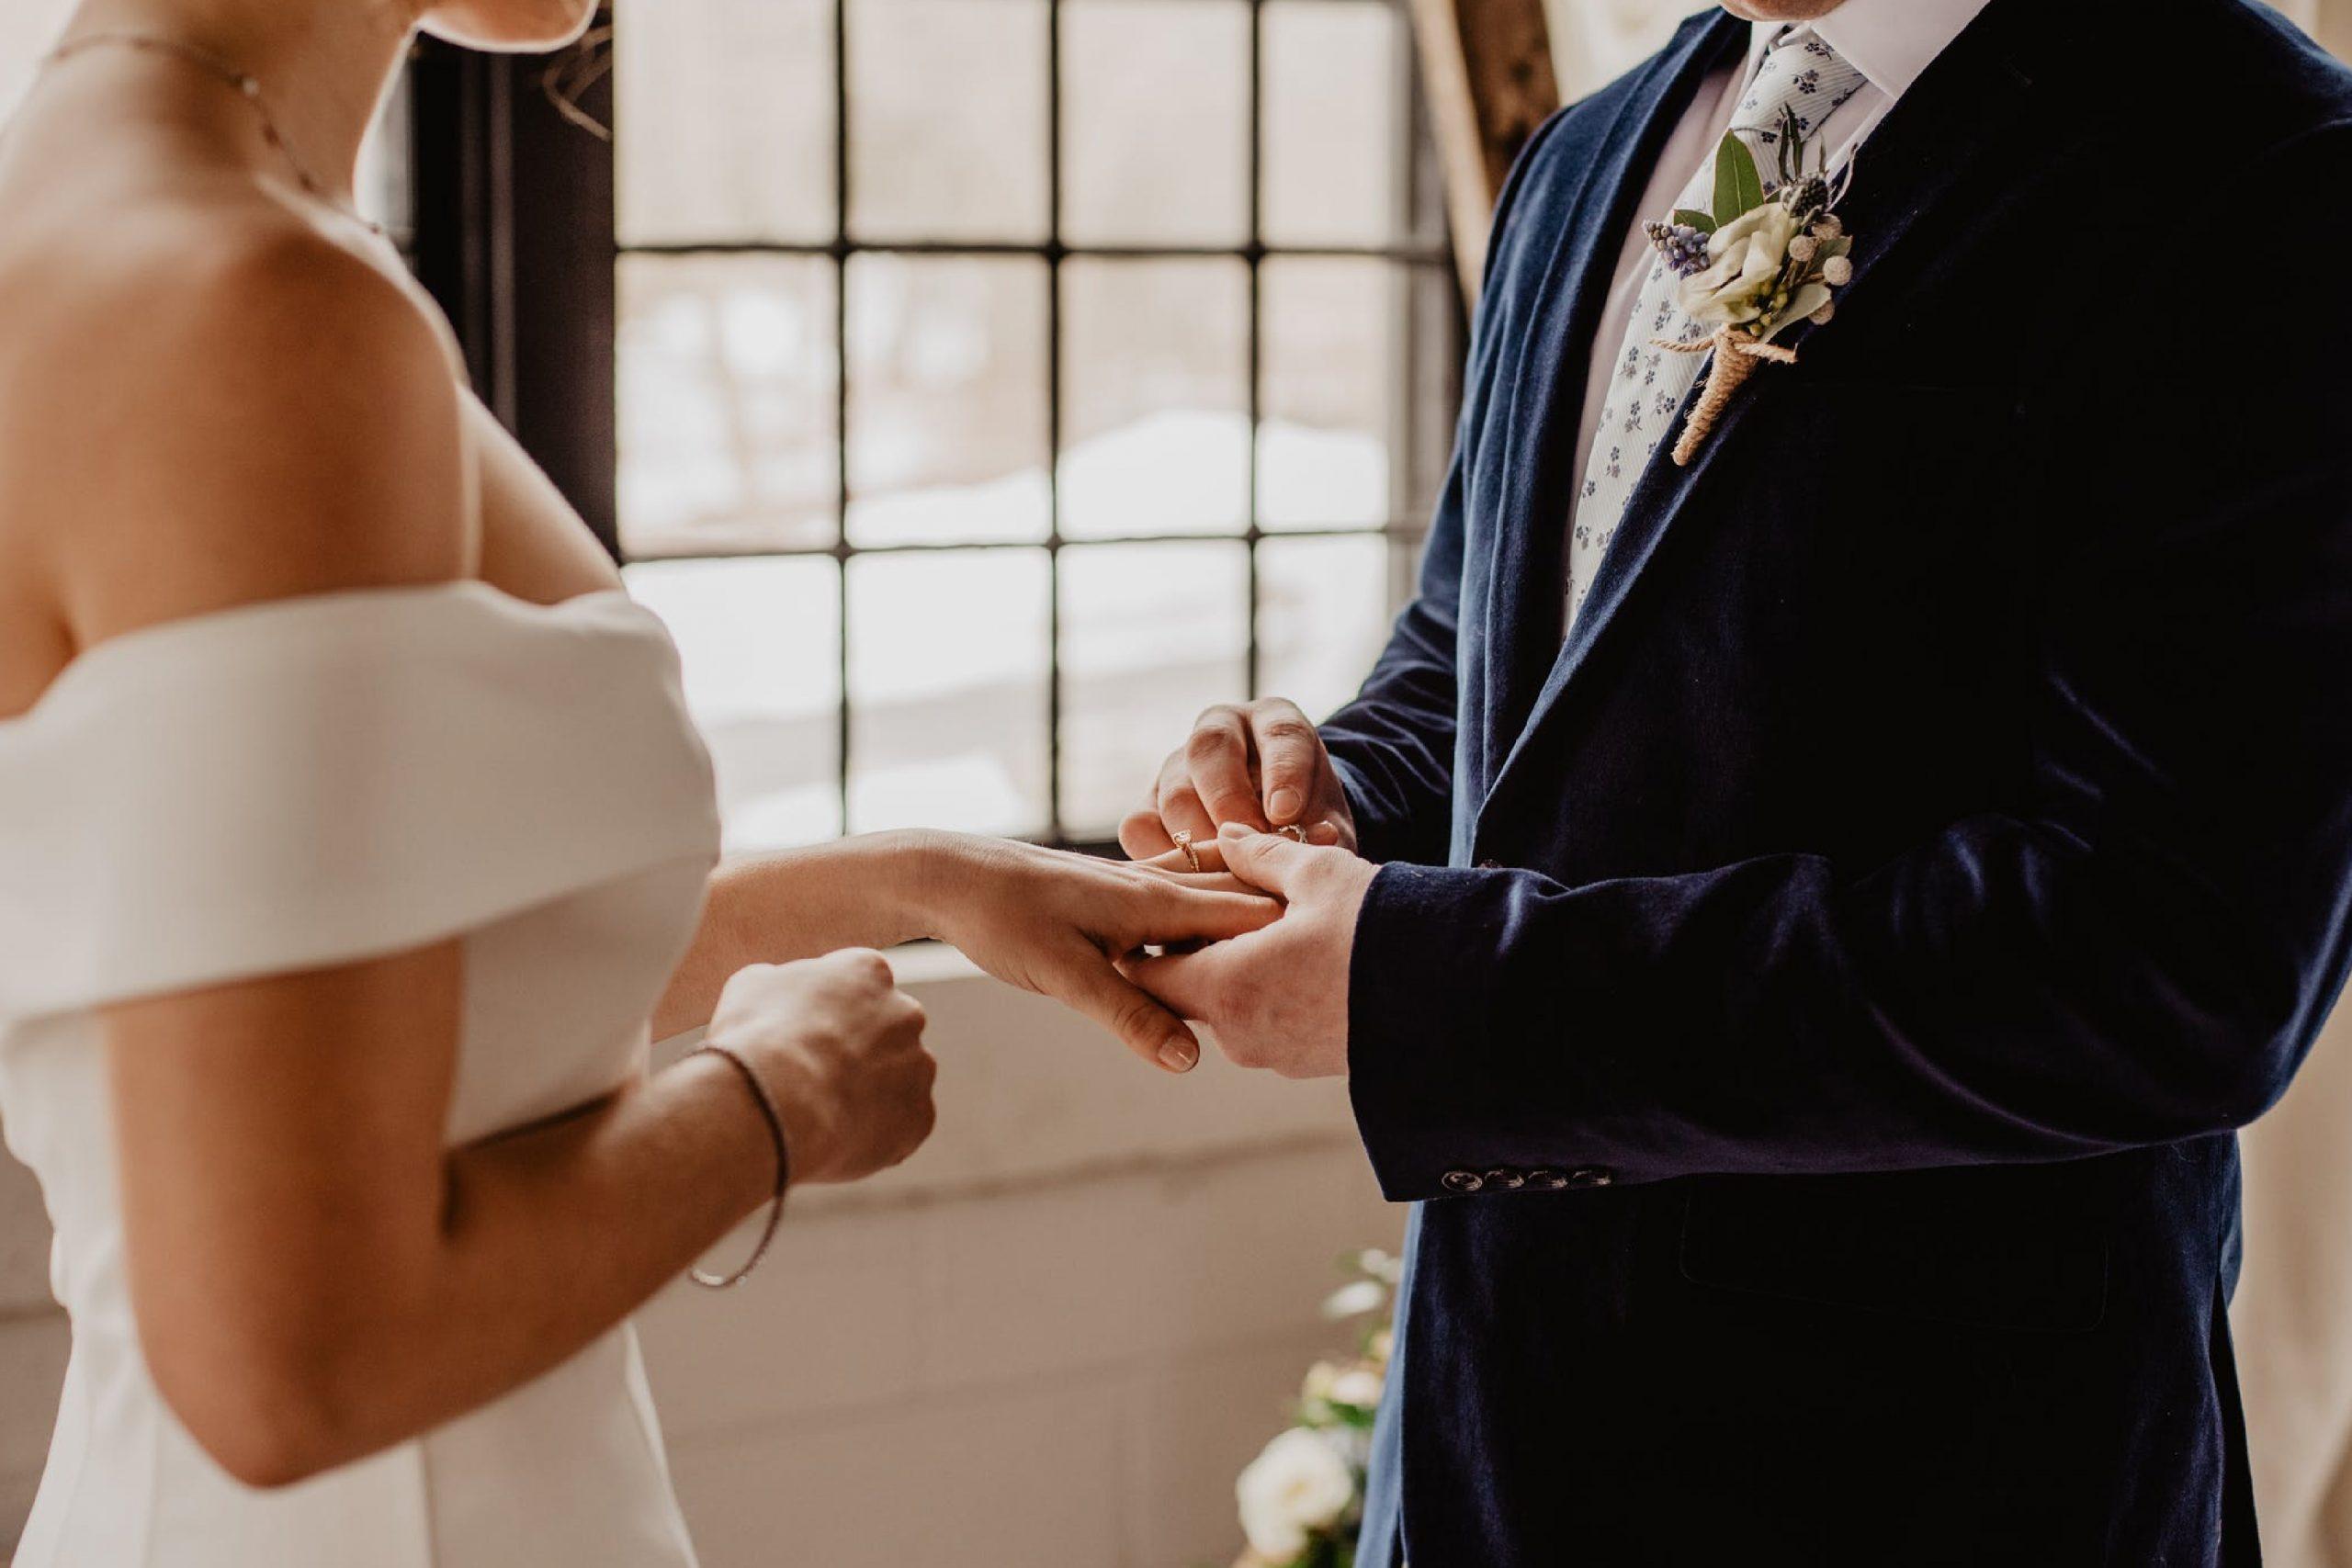 Waarom trouwen als je ook kunt kiezen voor geregistreerd partnerschap